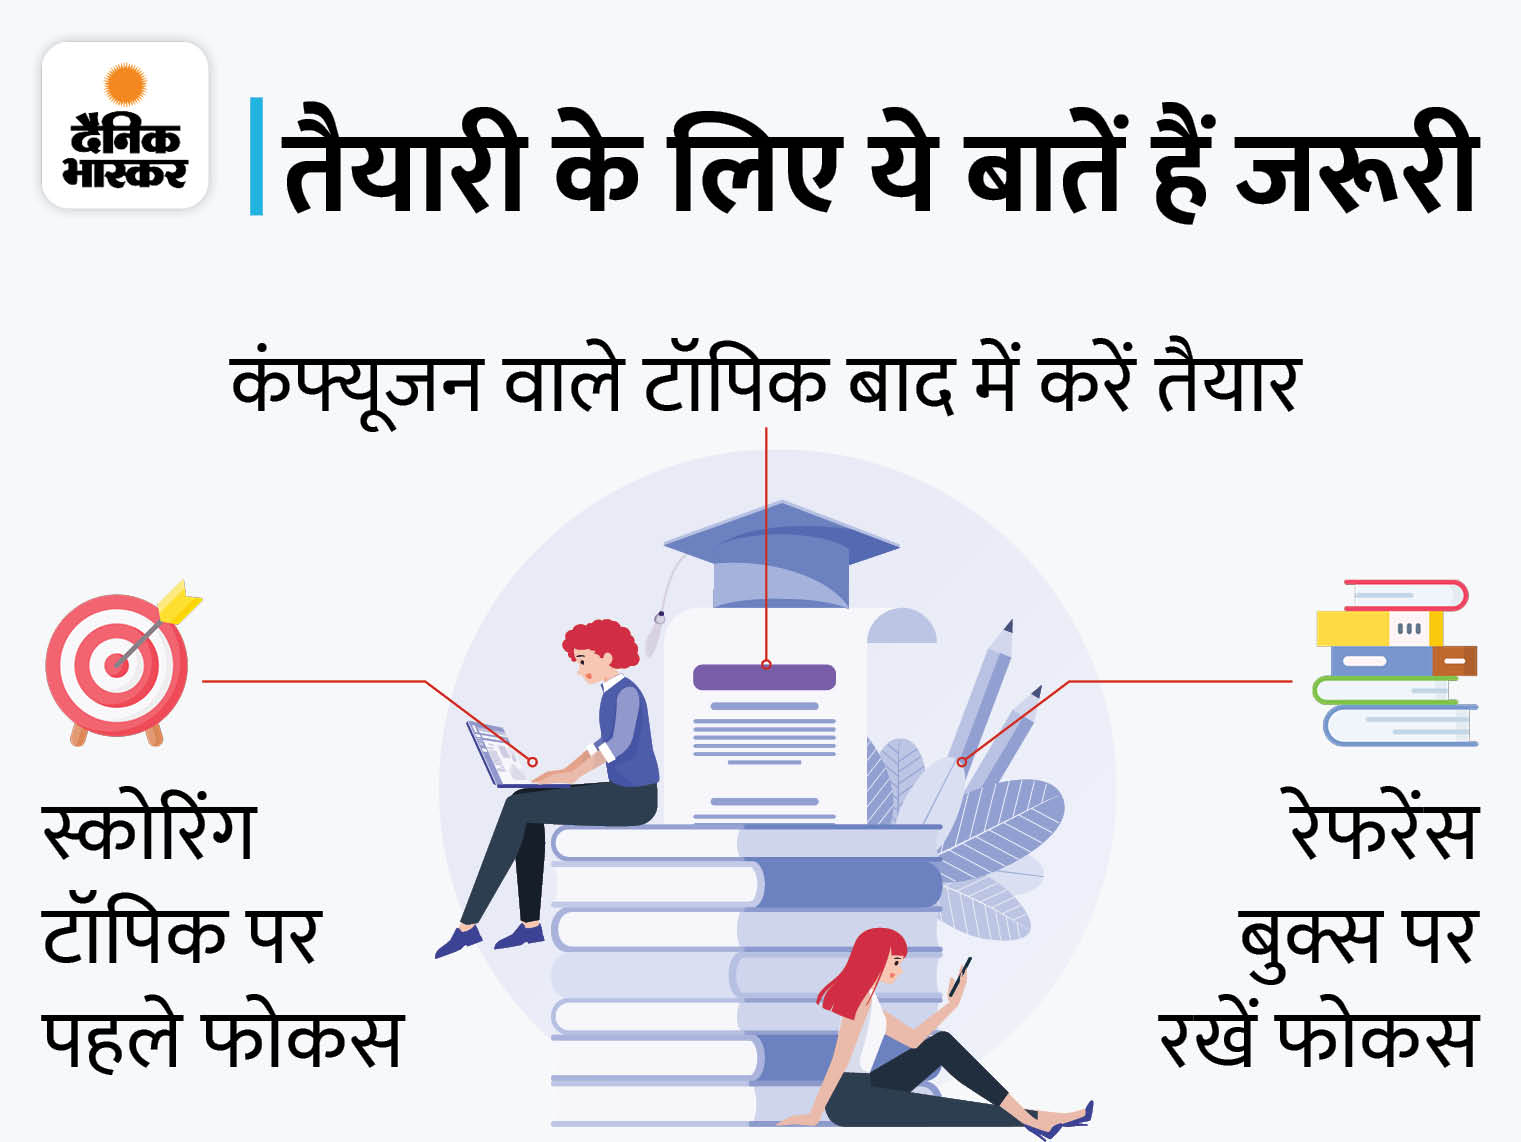 15 लाख अभ्यर्थियों के लिए बड़े काम के हैं ये 16 एक्सपर्ट टिप्स, एग्जाम में स्कोरिंग करनी है रखें इन बातों का ध्यान पटवारी भर्ती परीक्षा,RSMSSB Patwari Exam 2021 - Dainik Bhaskar